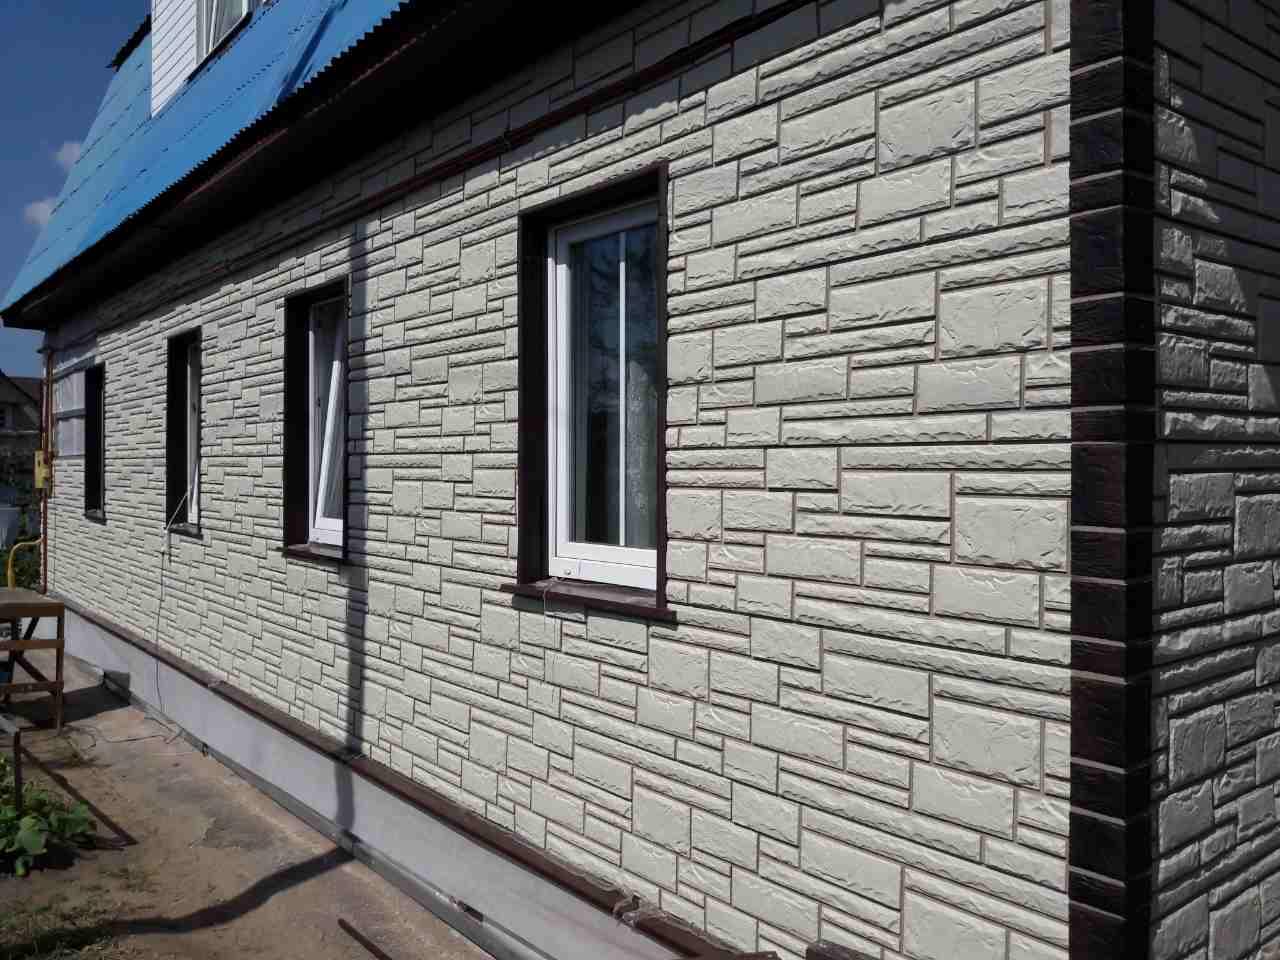 Виниловый сайдинг (97 фото): пластиковая продукция наружной отделки дома, тонкости монтажа сайдинга, фасадные пвх панели